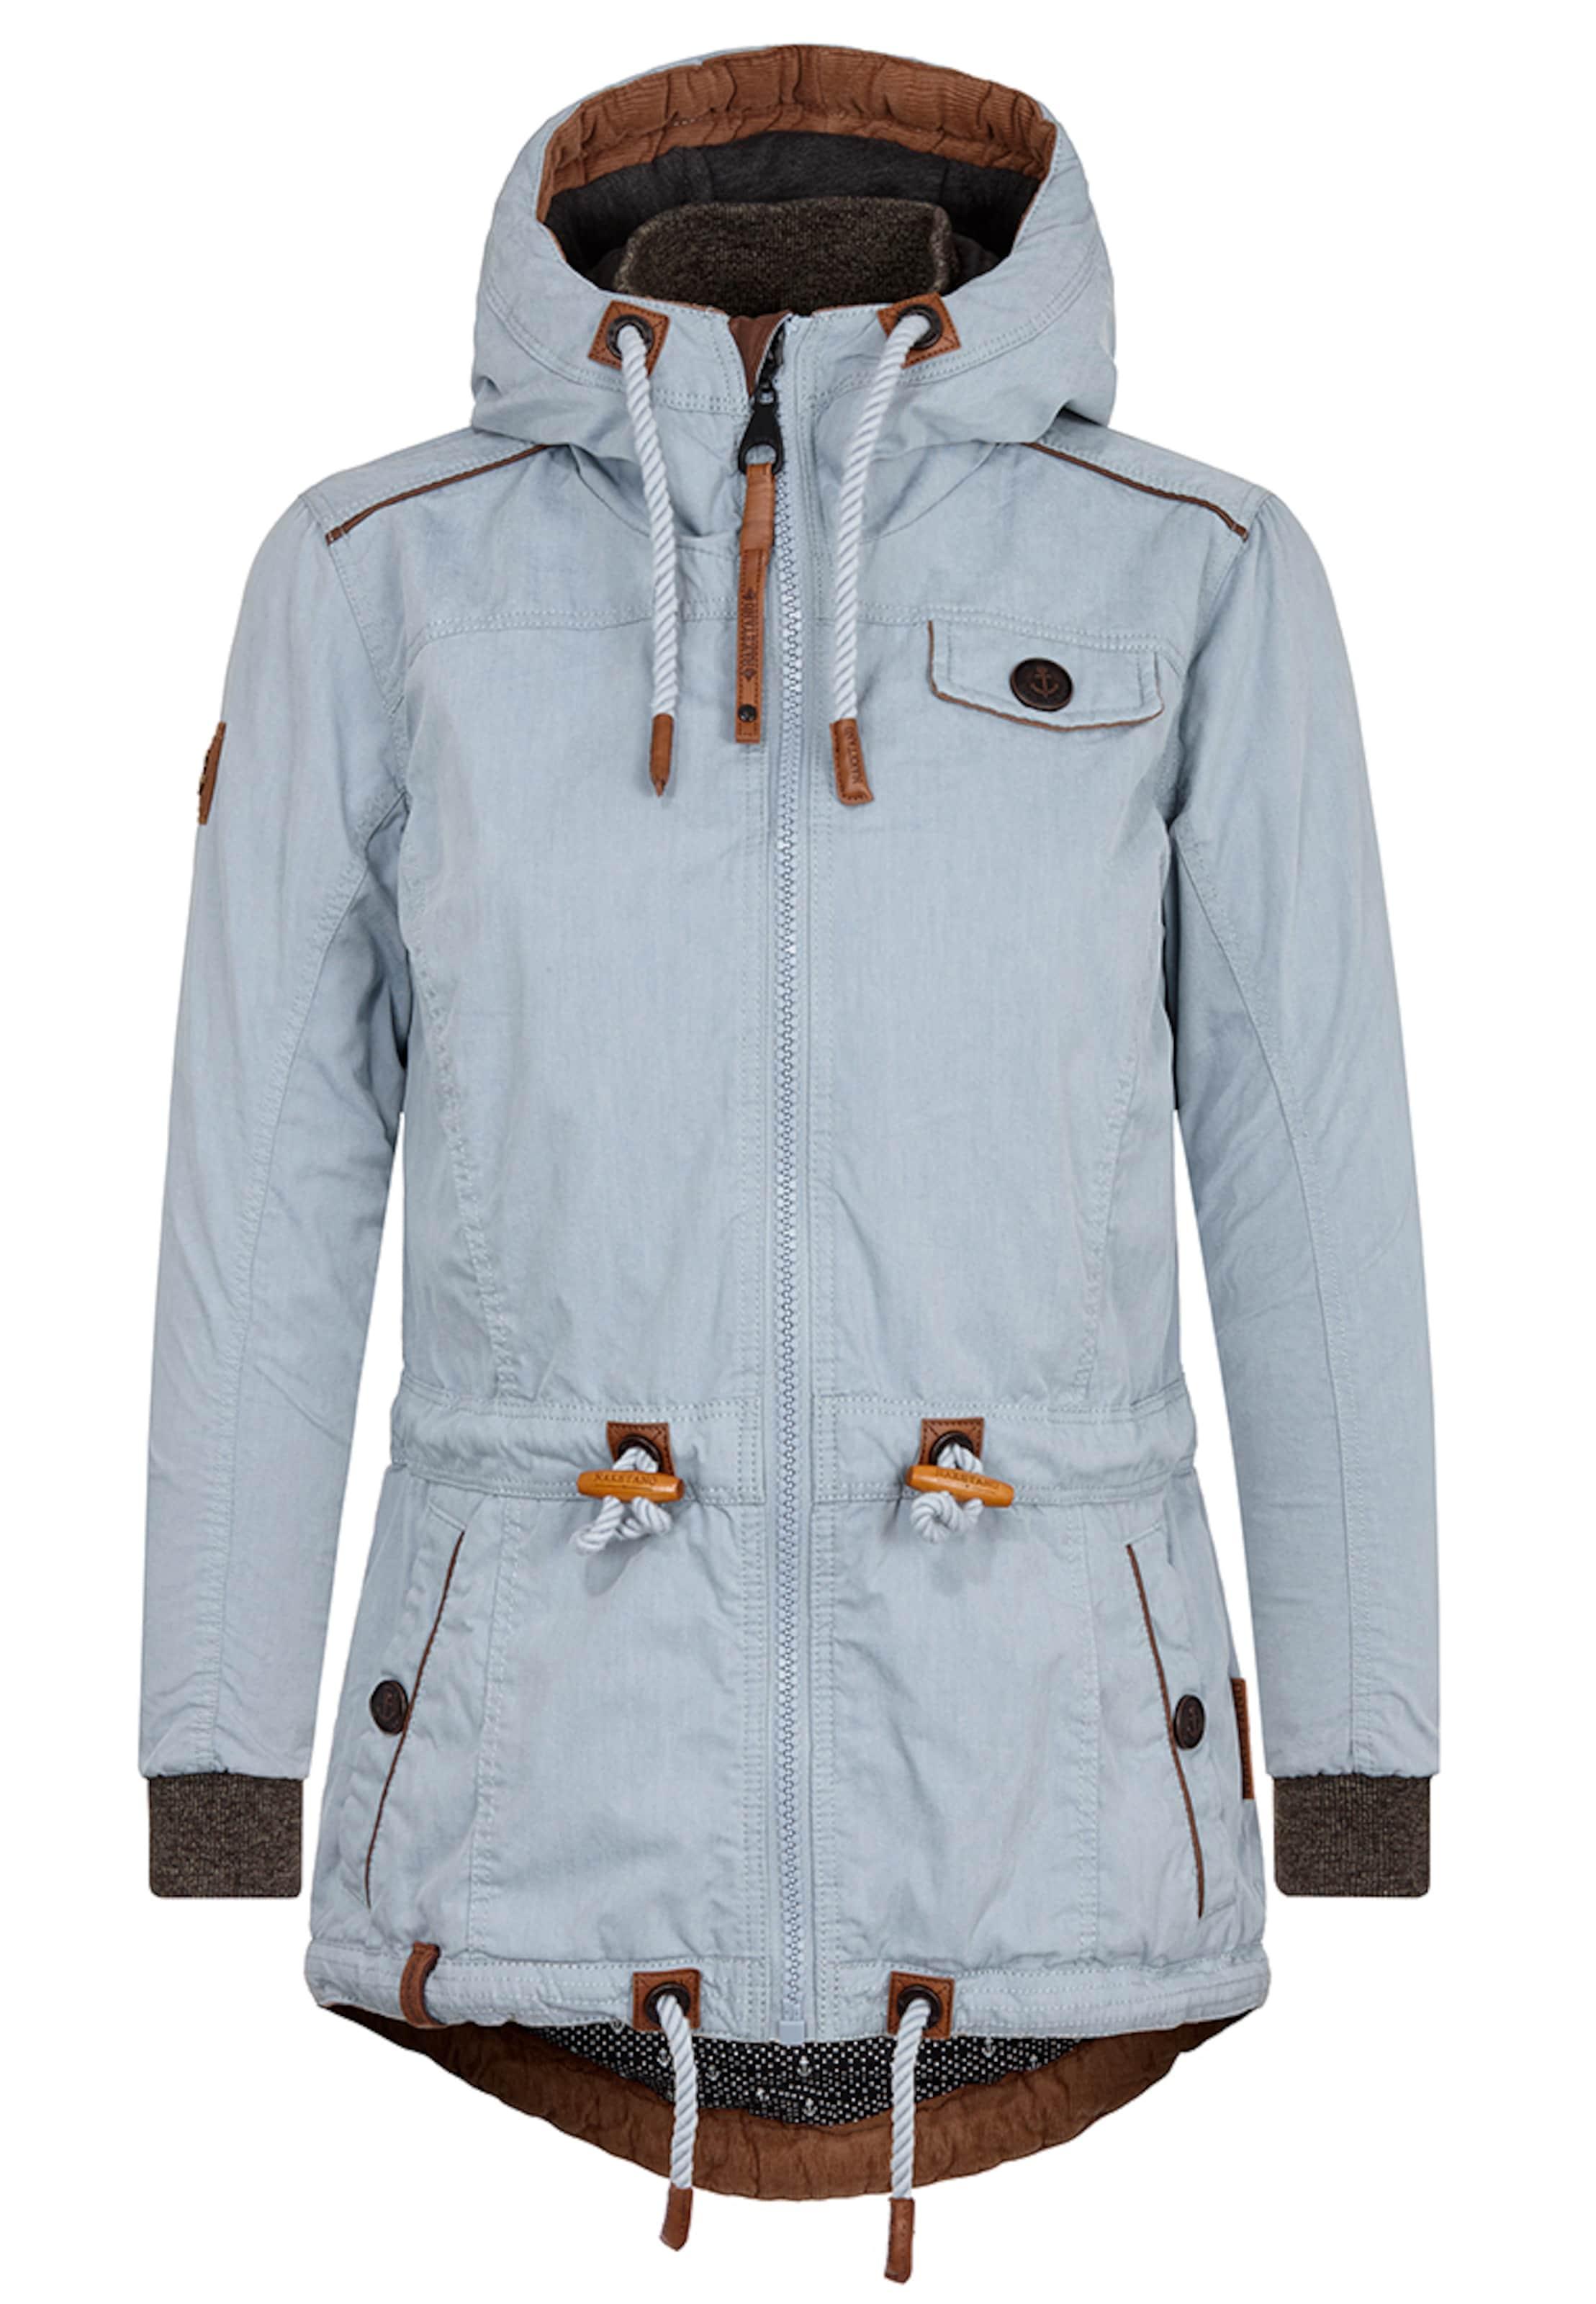 naketano Female Jacket The Magic Stick Pimmel Erschwinglich Zu Verkaufen Besuchen Günstigen Preis kzOQMcXdie